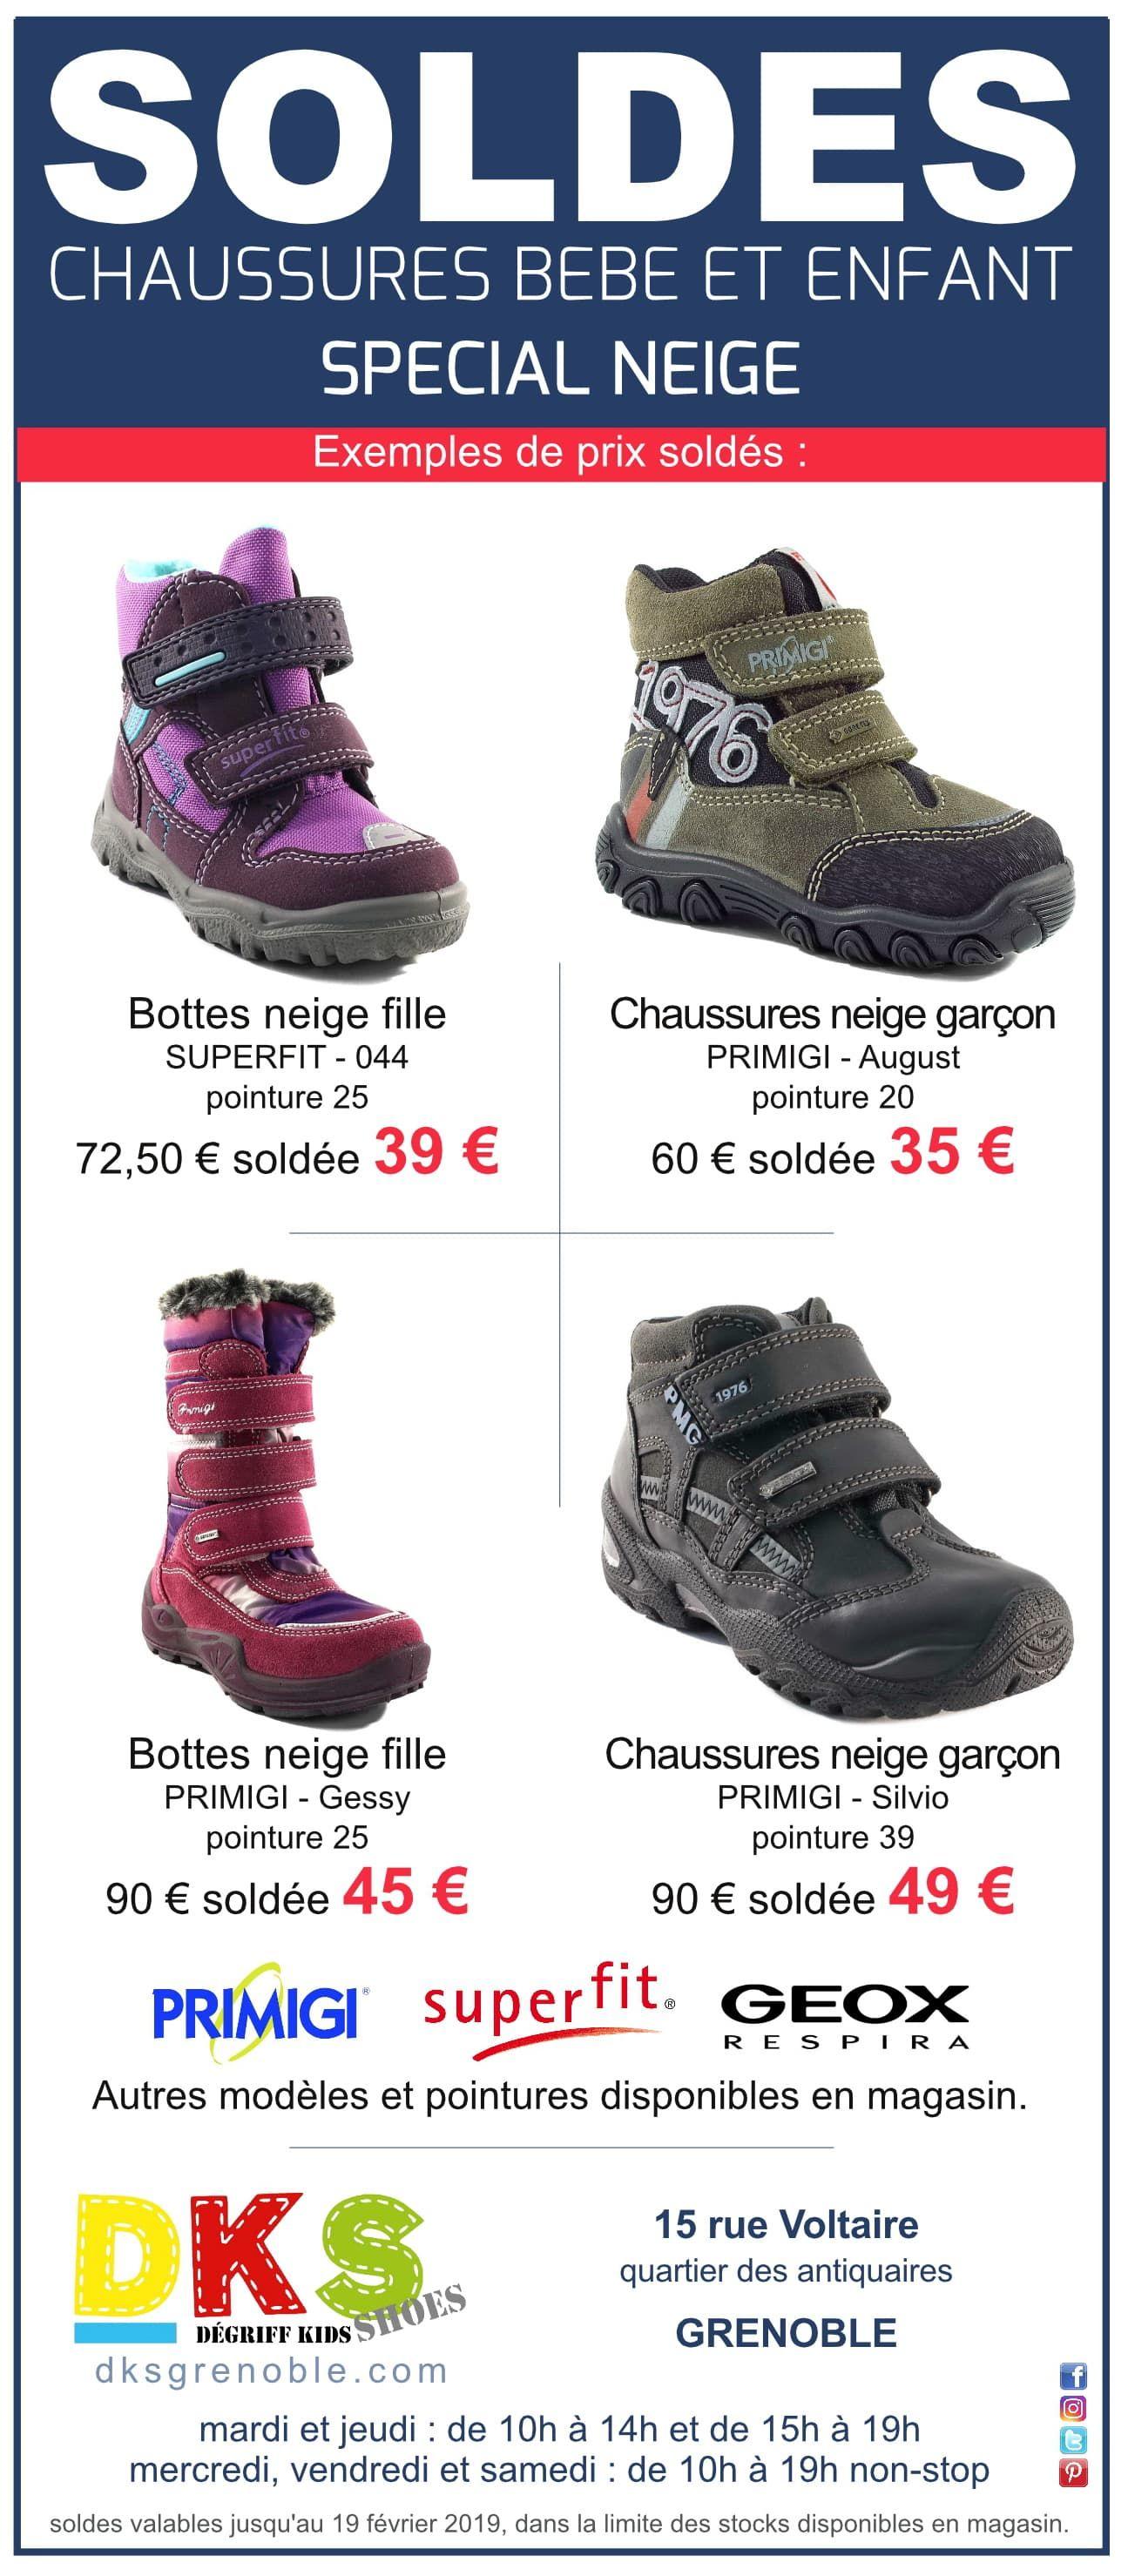 4ecef015dc9c3 SOLDES DKS exemples de prix soldés bottes et chaussures neige pour fille et  garçon. Autres